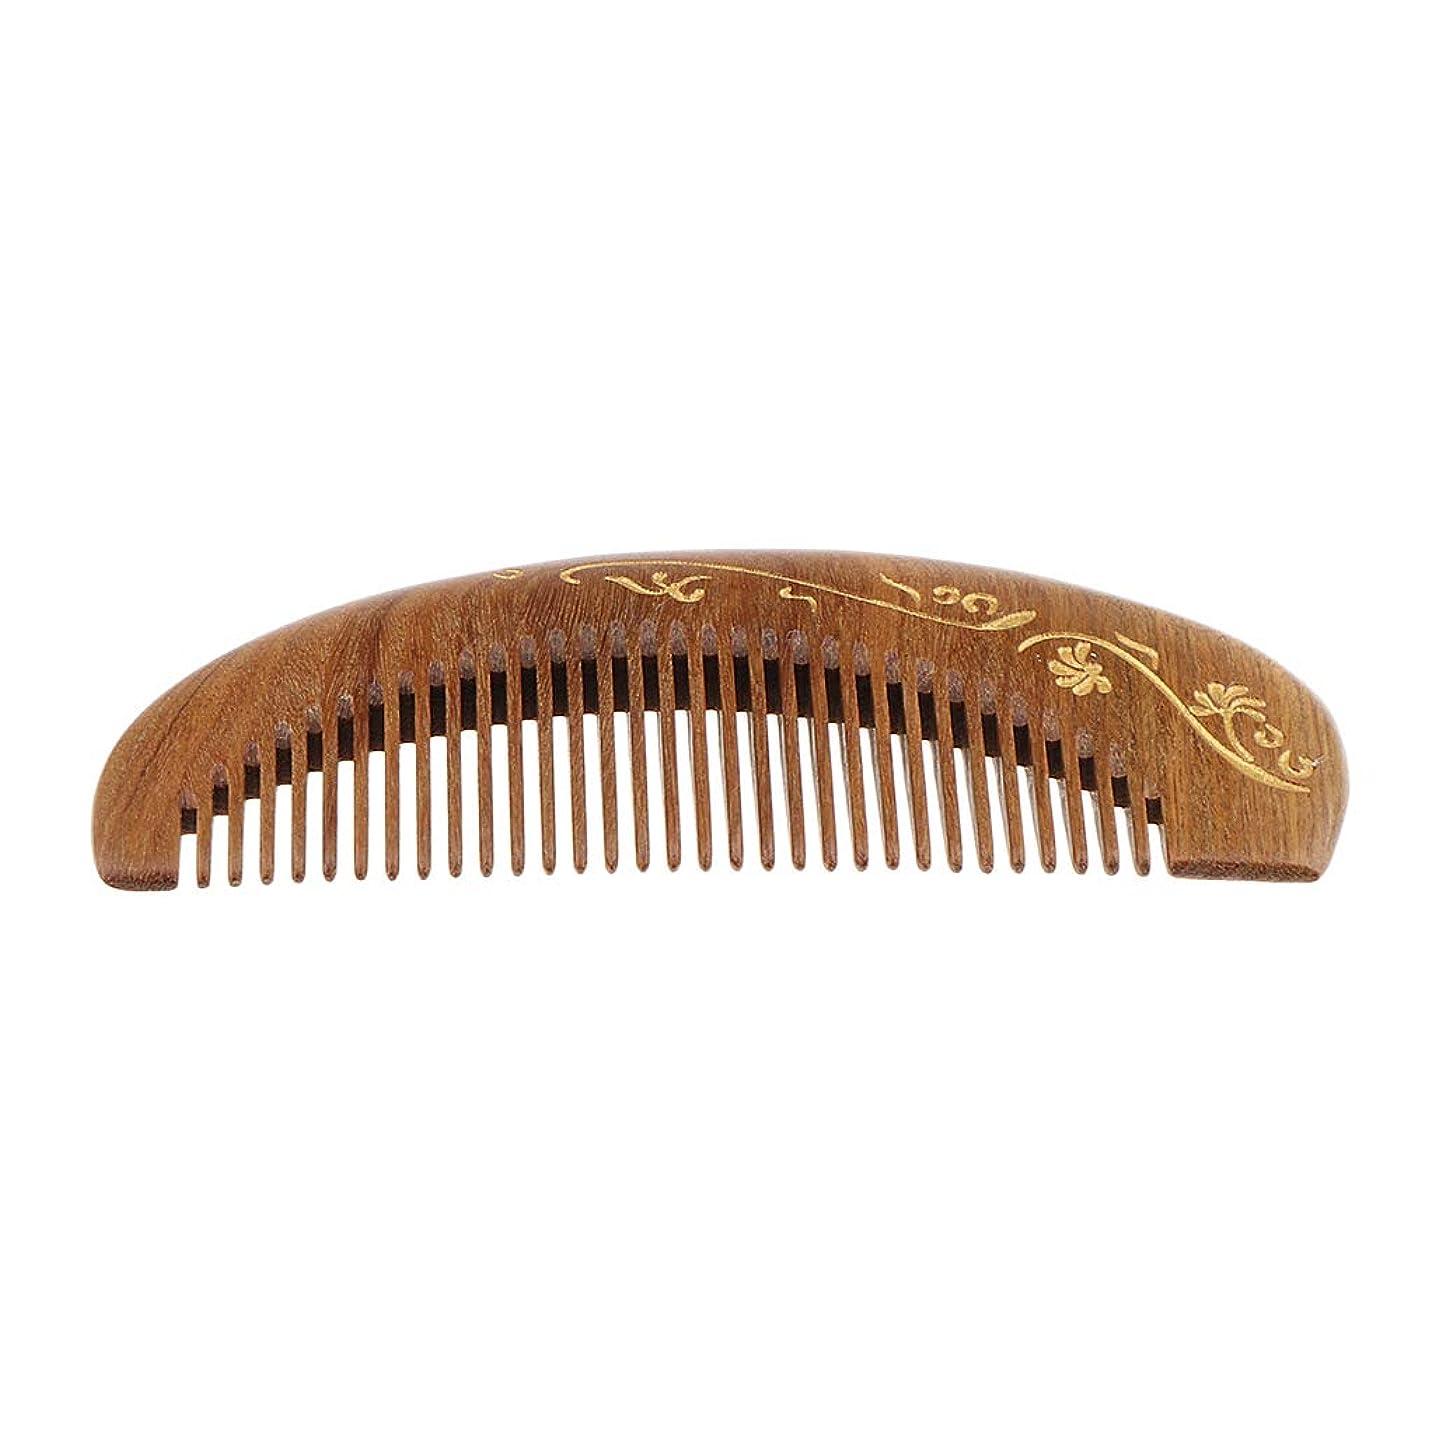 くまたはどちらかフローSM SunniMix 木製ヘアコーム 静電気防止櫛 ヘアサロン 広い歯 マッサージ櫛 4仕様選べ - #2